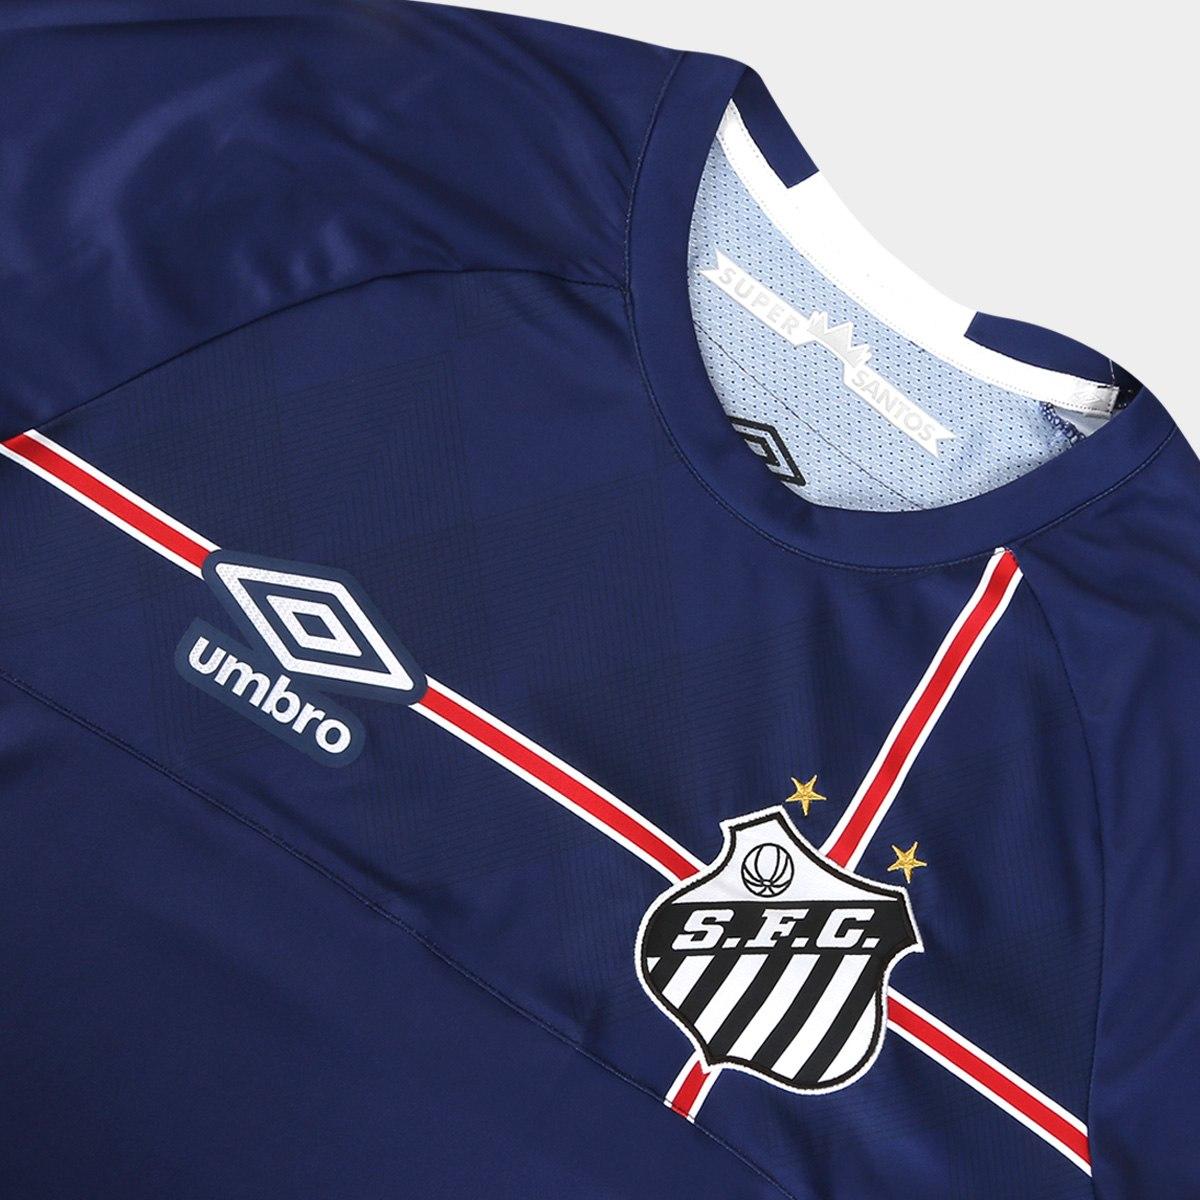 Umbro lança a nova terceira camisa do Santos - Show de Camisas 8c7cdcae7a018